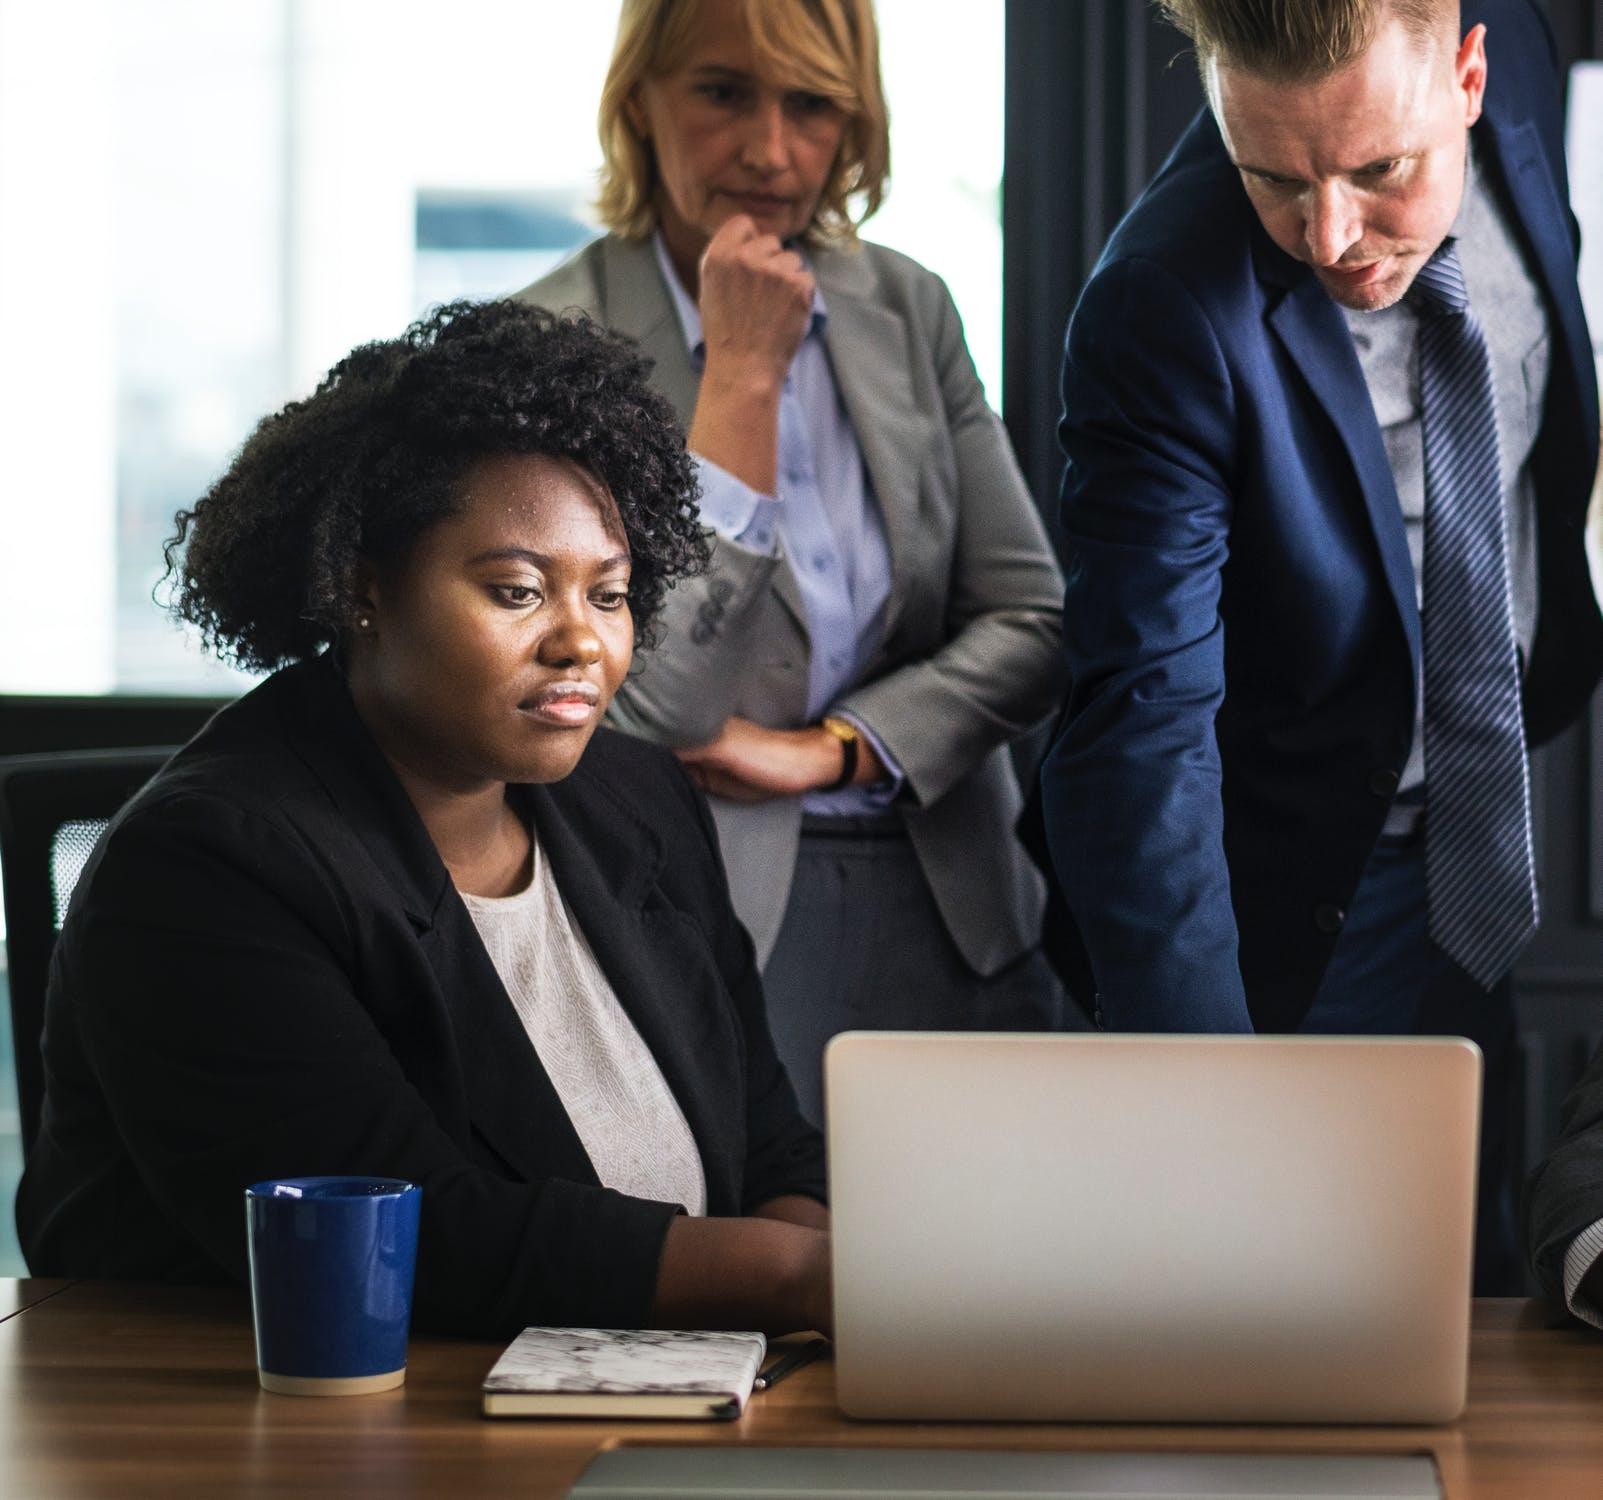 Wat doet een vertrouwenspersoon bij jou op werk?